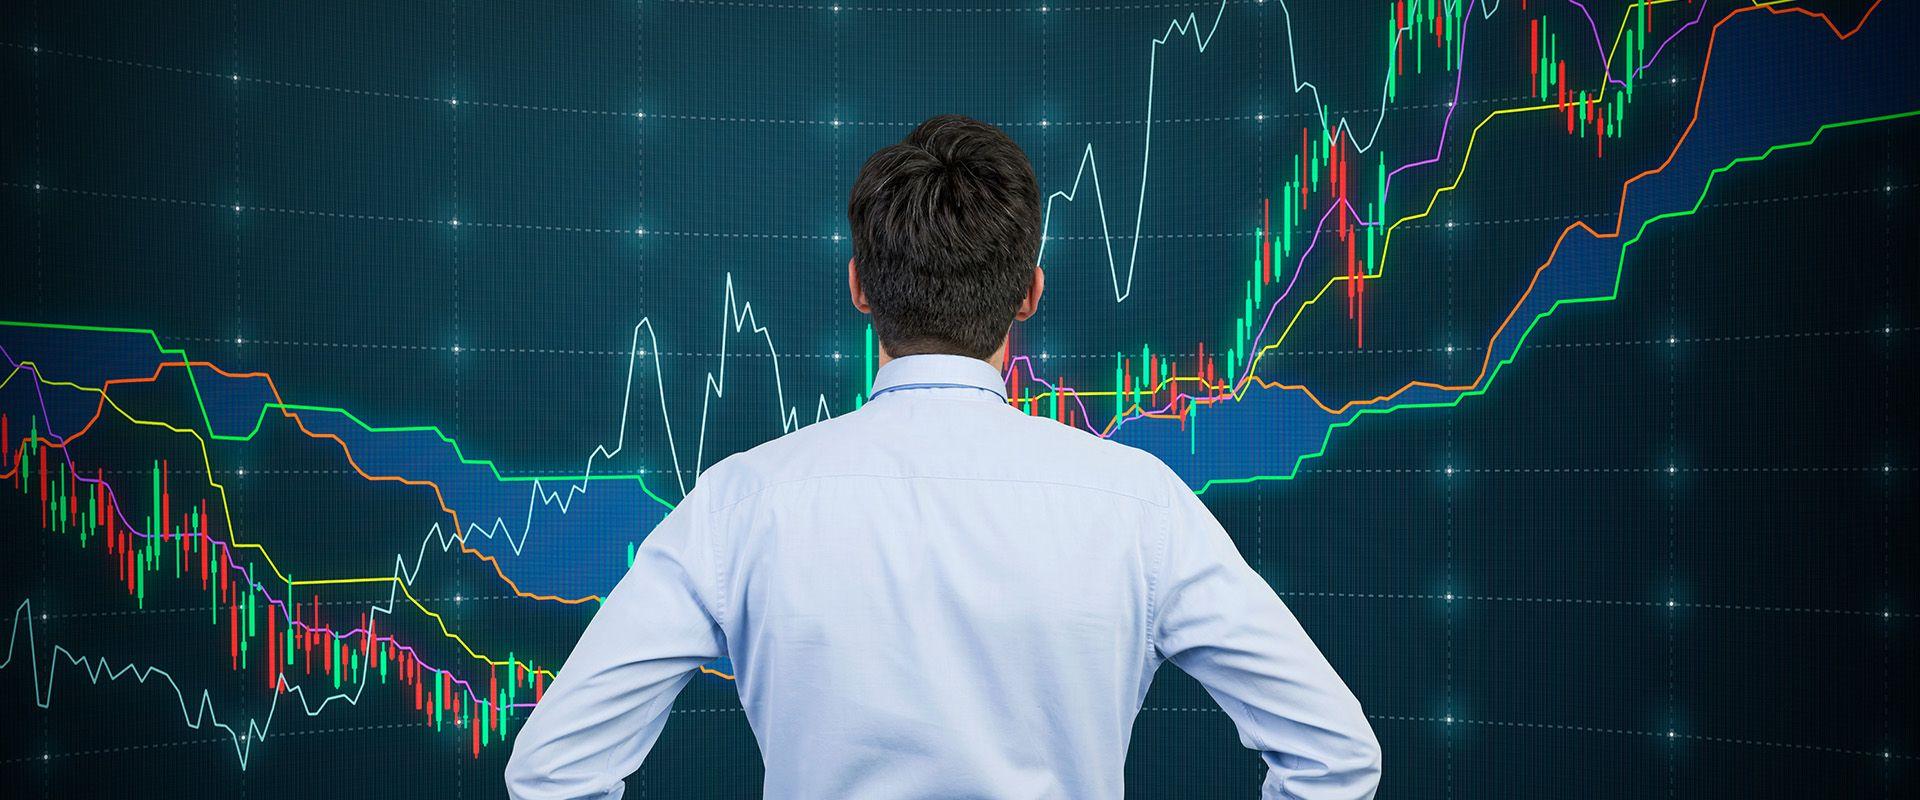 A股破凈率達10%,預示底部來臨?四大板塊成破凈重災區,北上資金抄底這些破凈股……